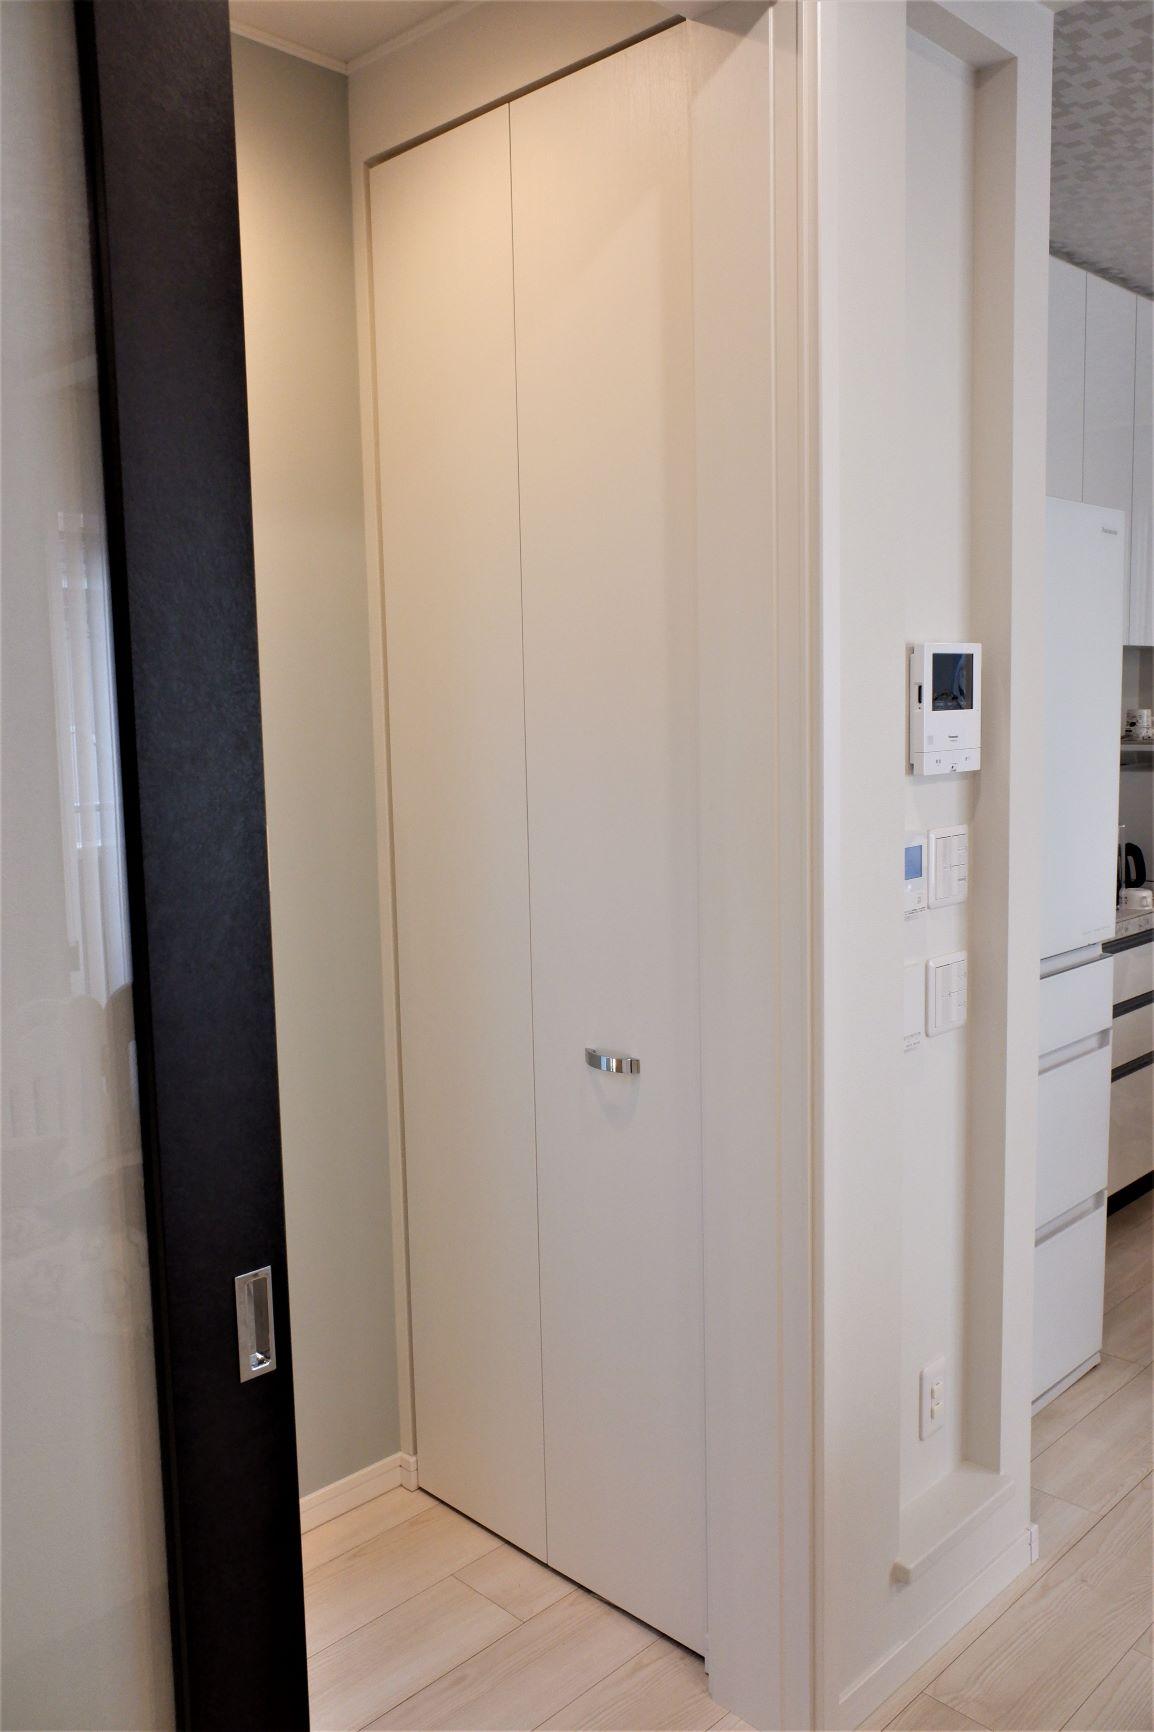 注文住宅で建てた我が家の追加オプション② 30万円以上のオプション編